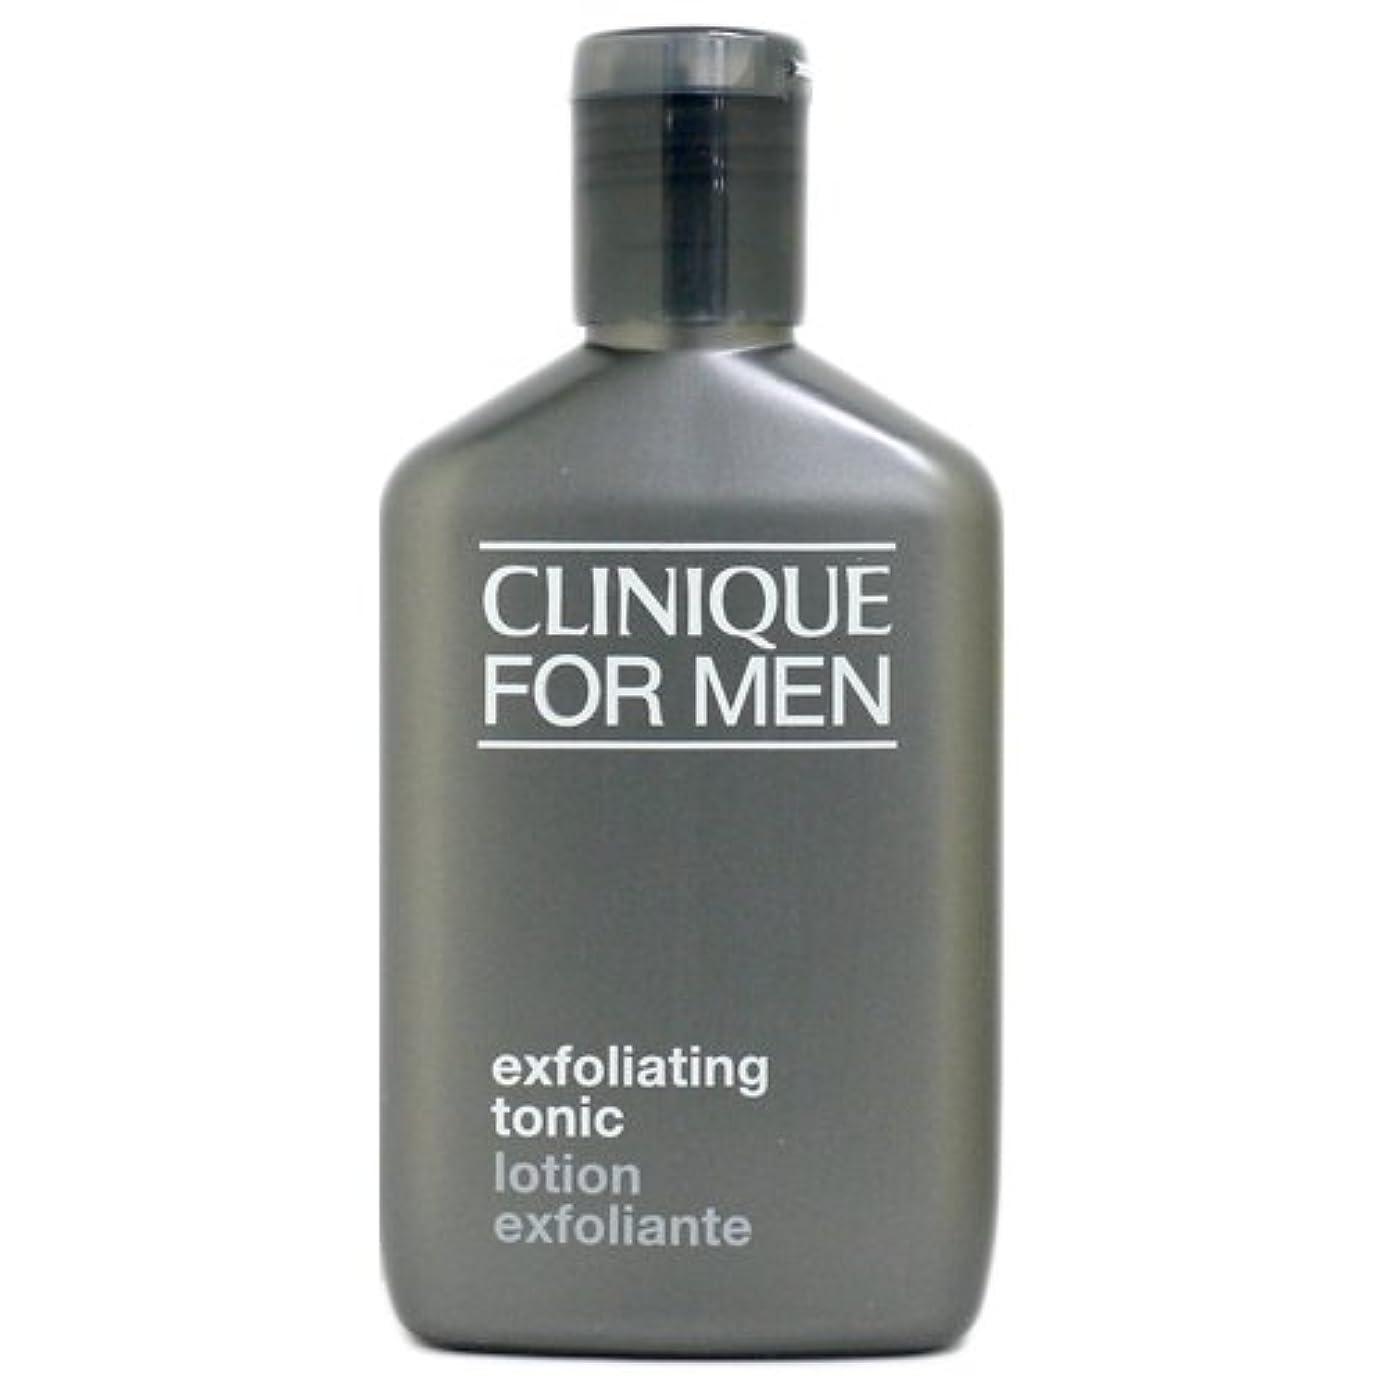 個人的な注意エスニッククリニークフォーメン(CLINIQUE FOR MEN) エクスフォリエーティング トニック 200ml[並行輸入品]